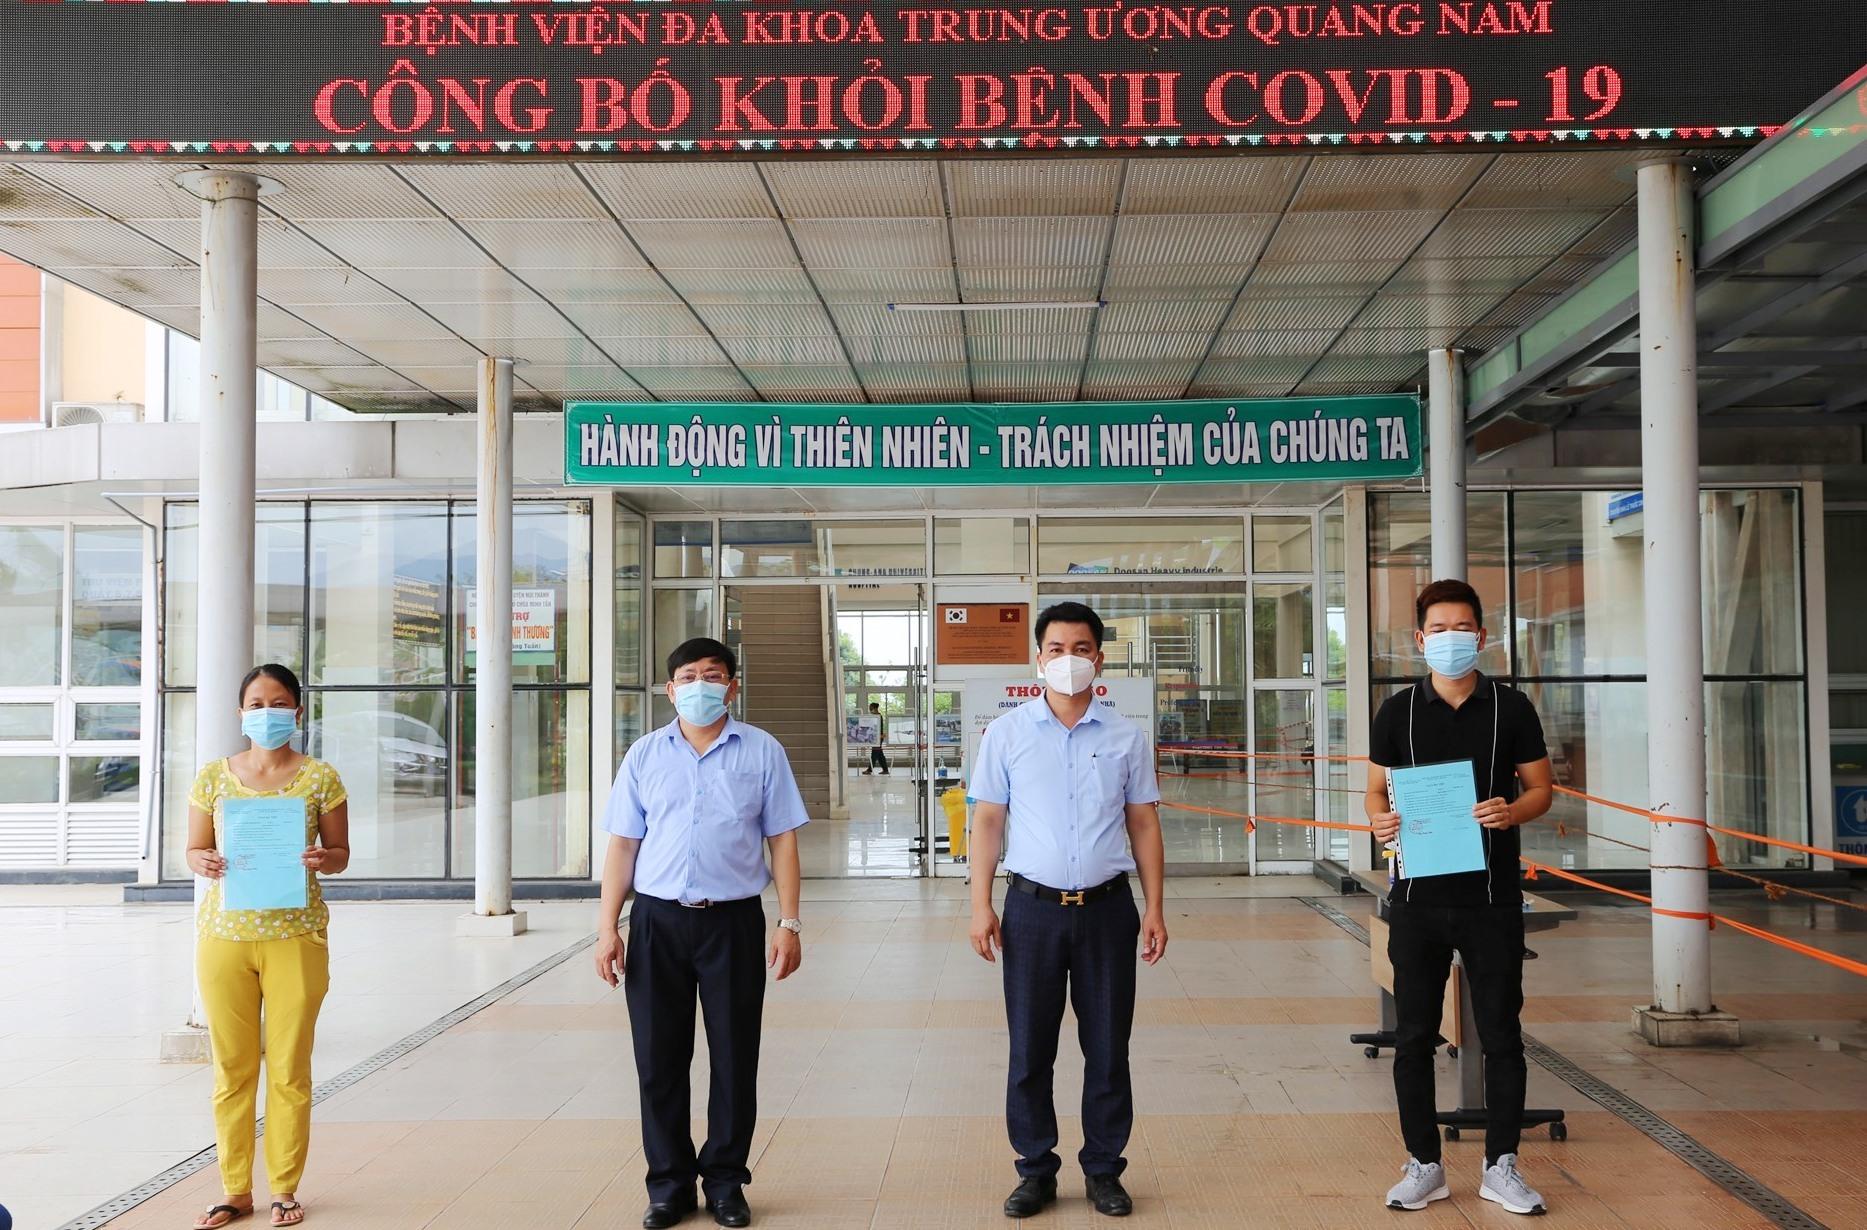 Lãnh đạo Bệnh viện Đa khoa Trung ương Quảng Nam trao giấy xác nhận hoàn thành điều trị Covid-19 và thực hiện các thủ tục xuất viện cho hai bệnh nhân 716, 719. Ảnh: LÊ PHƯƠNG THẢO